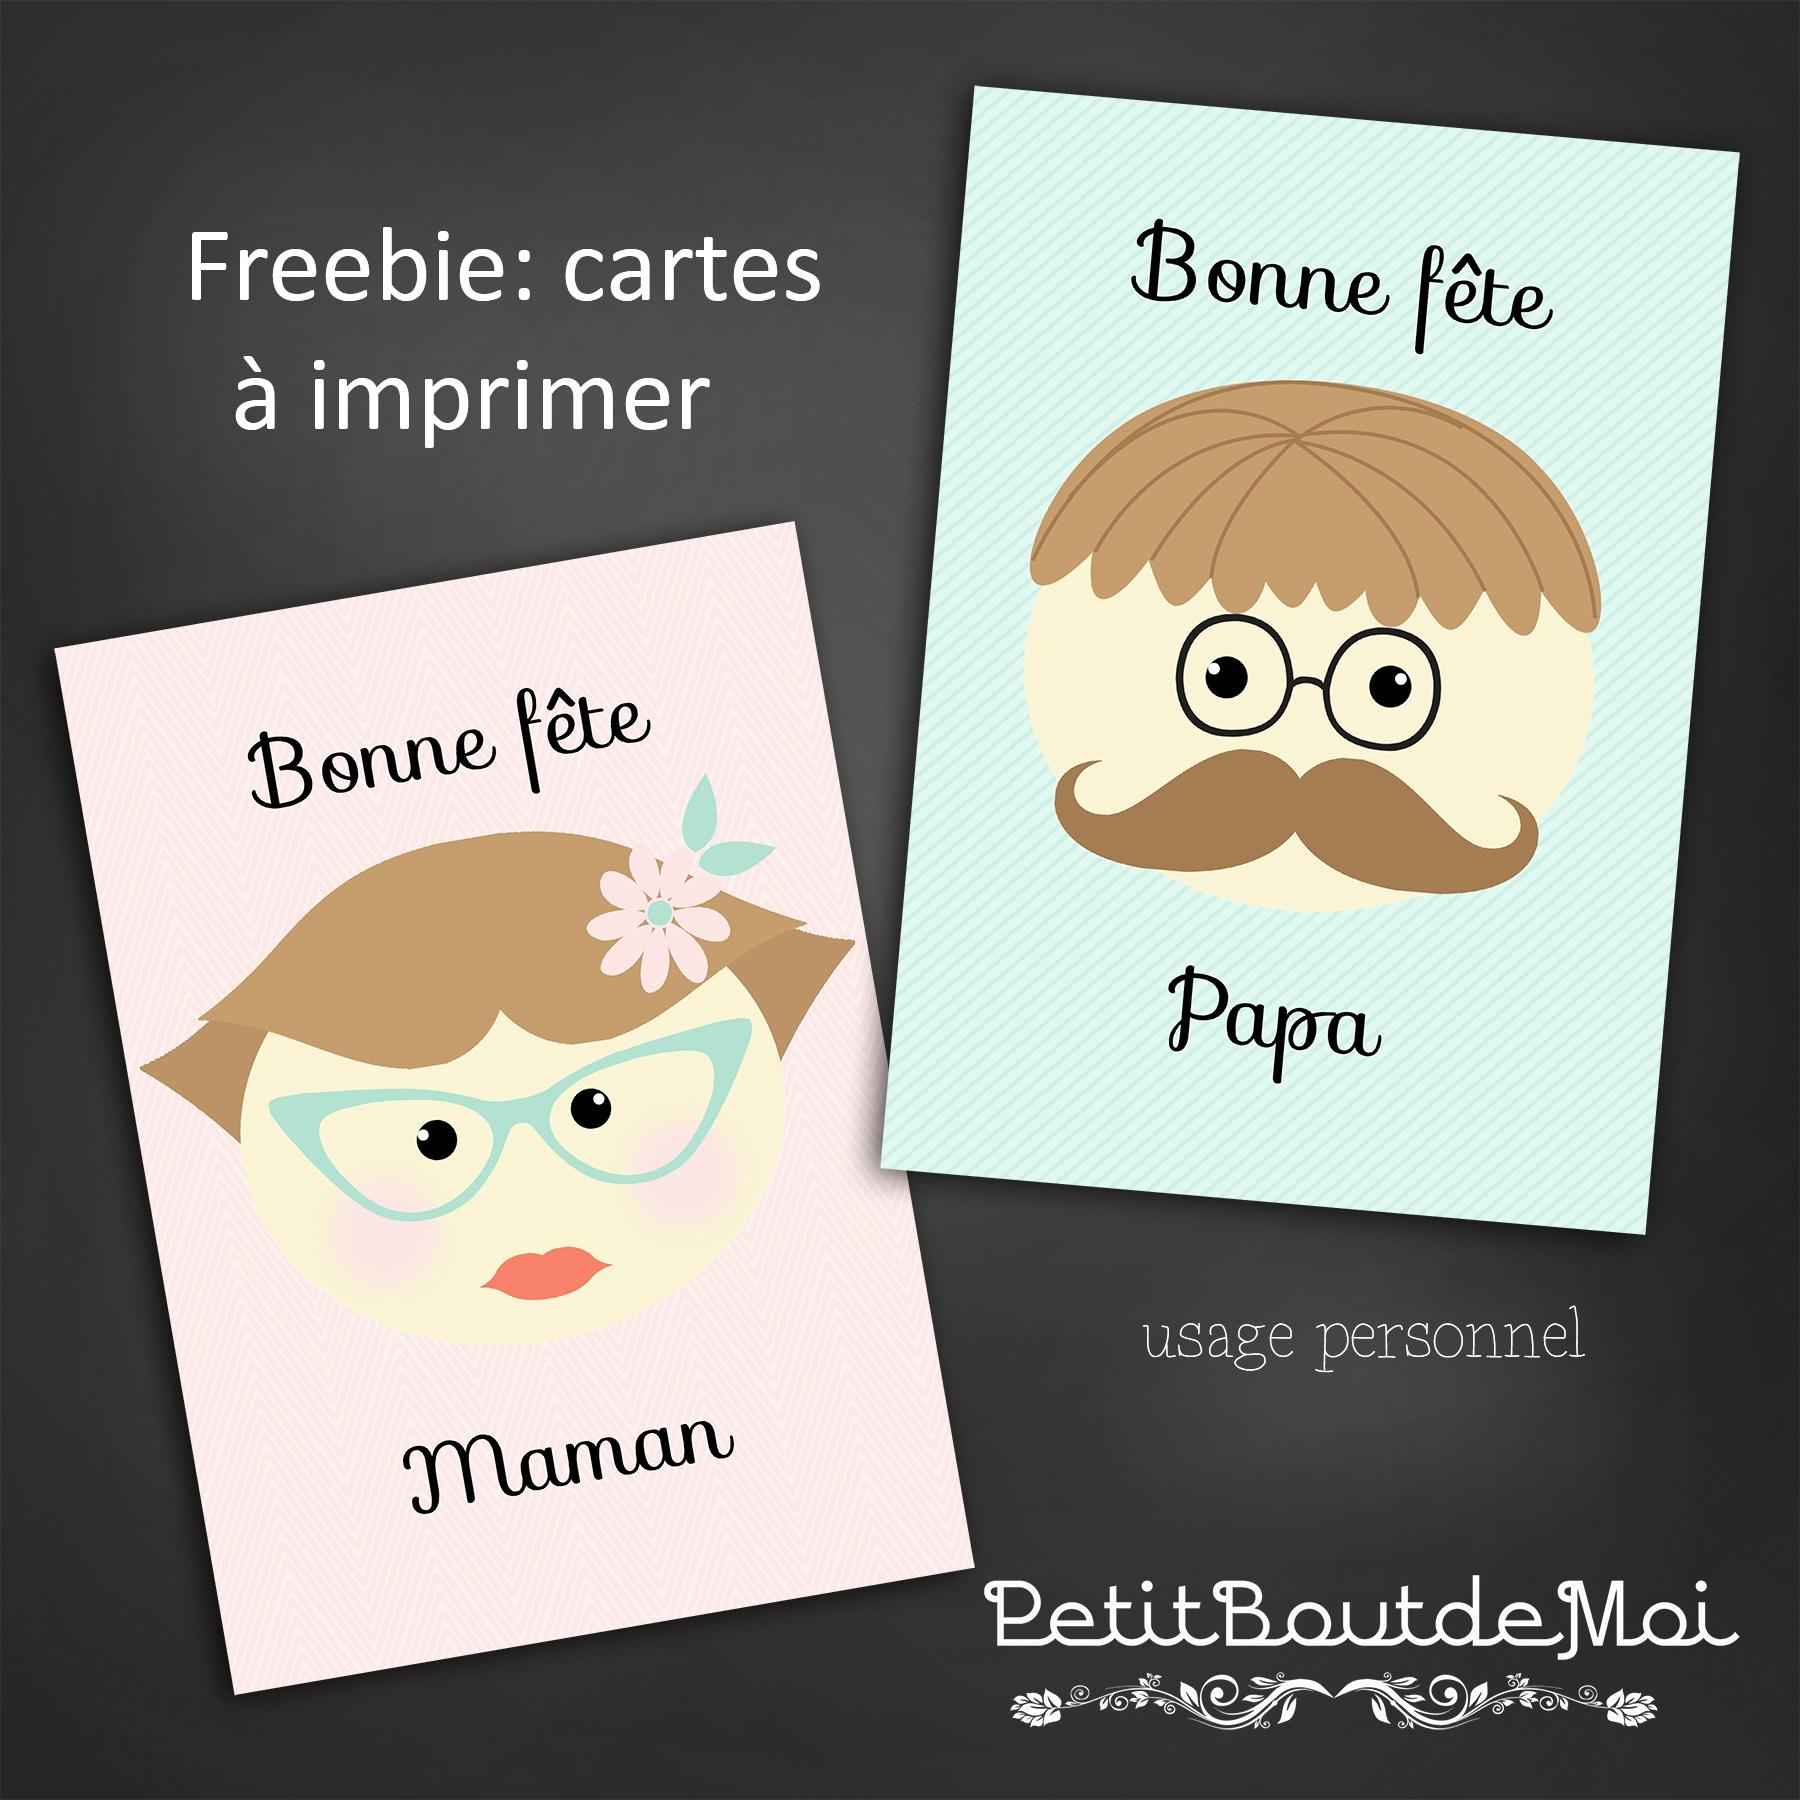 Souhaitez Une Bonne Fête Maman Et Papa . - Petit Bout 2 Moi concernant Carte Bonne Fete Maman Imprimer